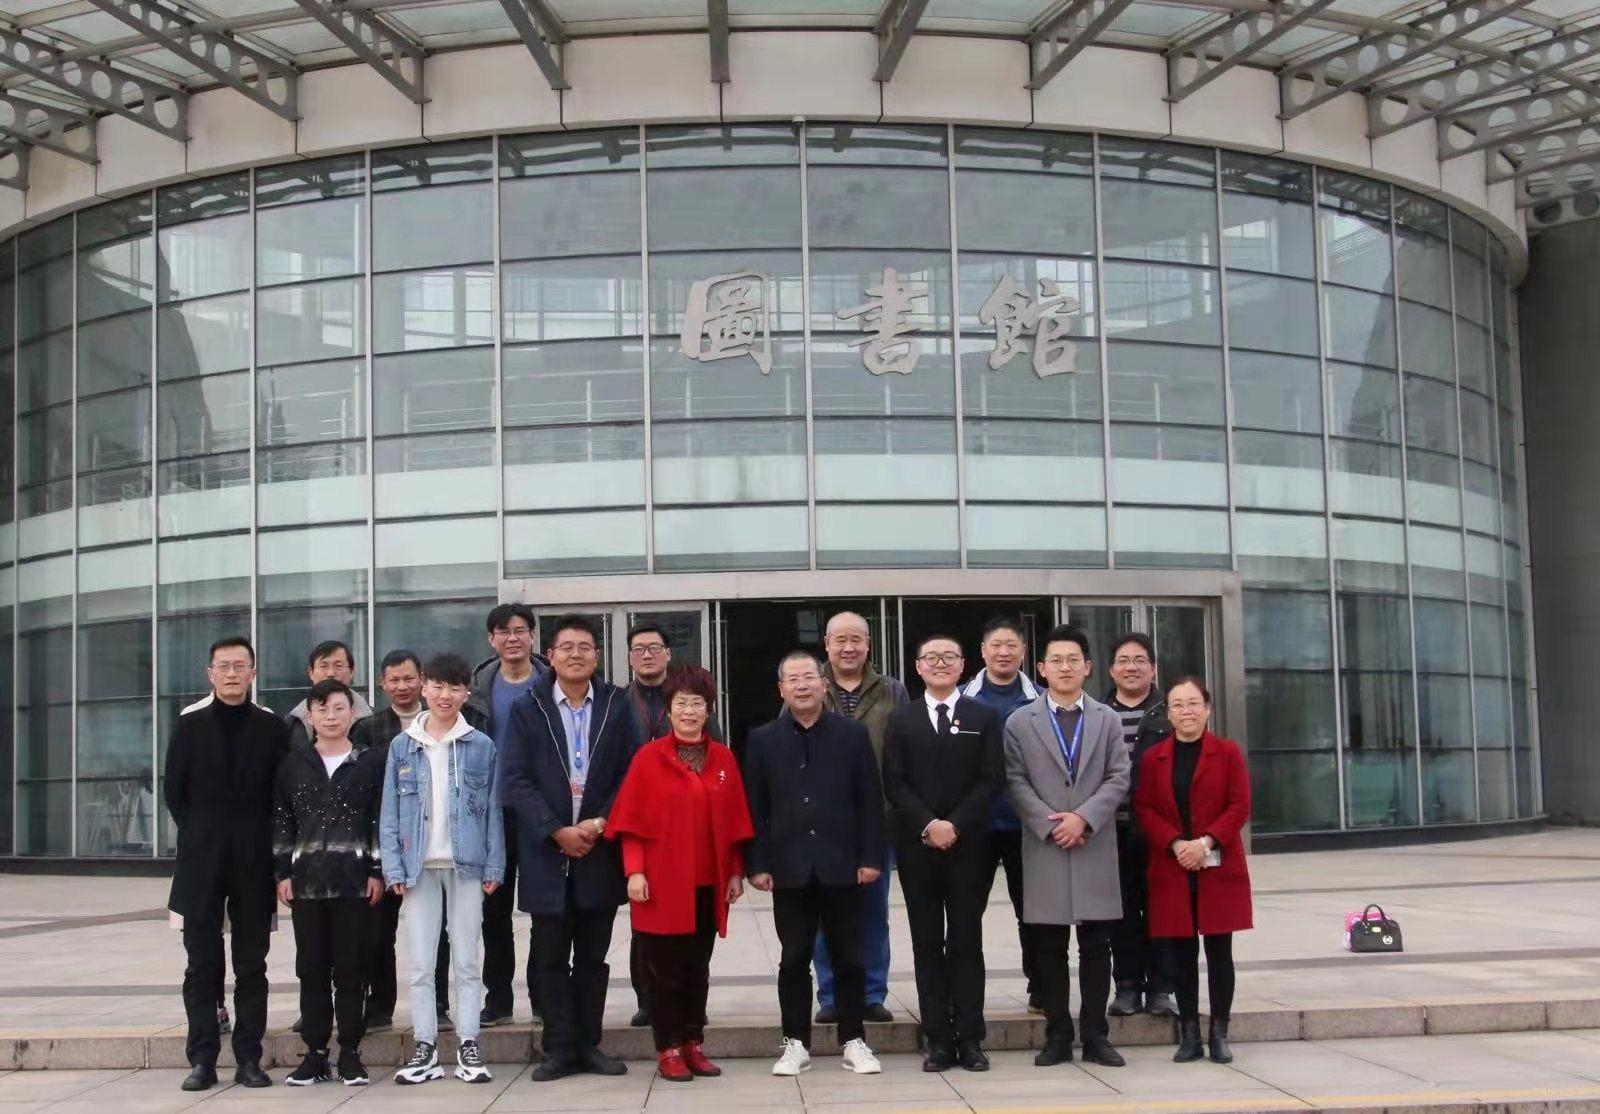 中高联动,共话发展——智造学院与江阴市要塞中学开展素质教育研讨会